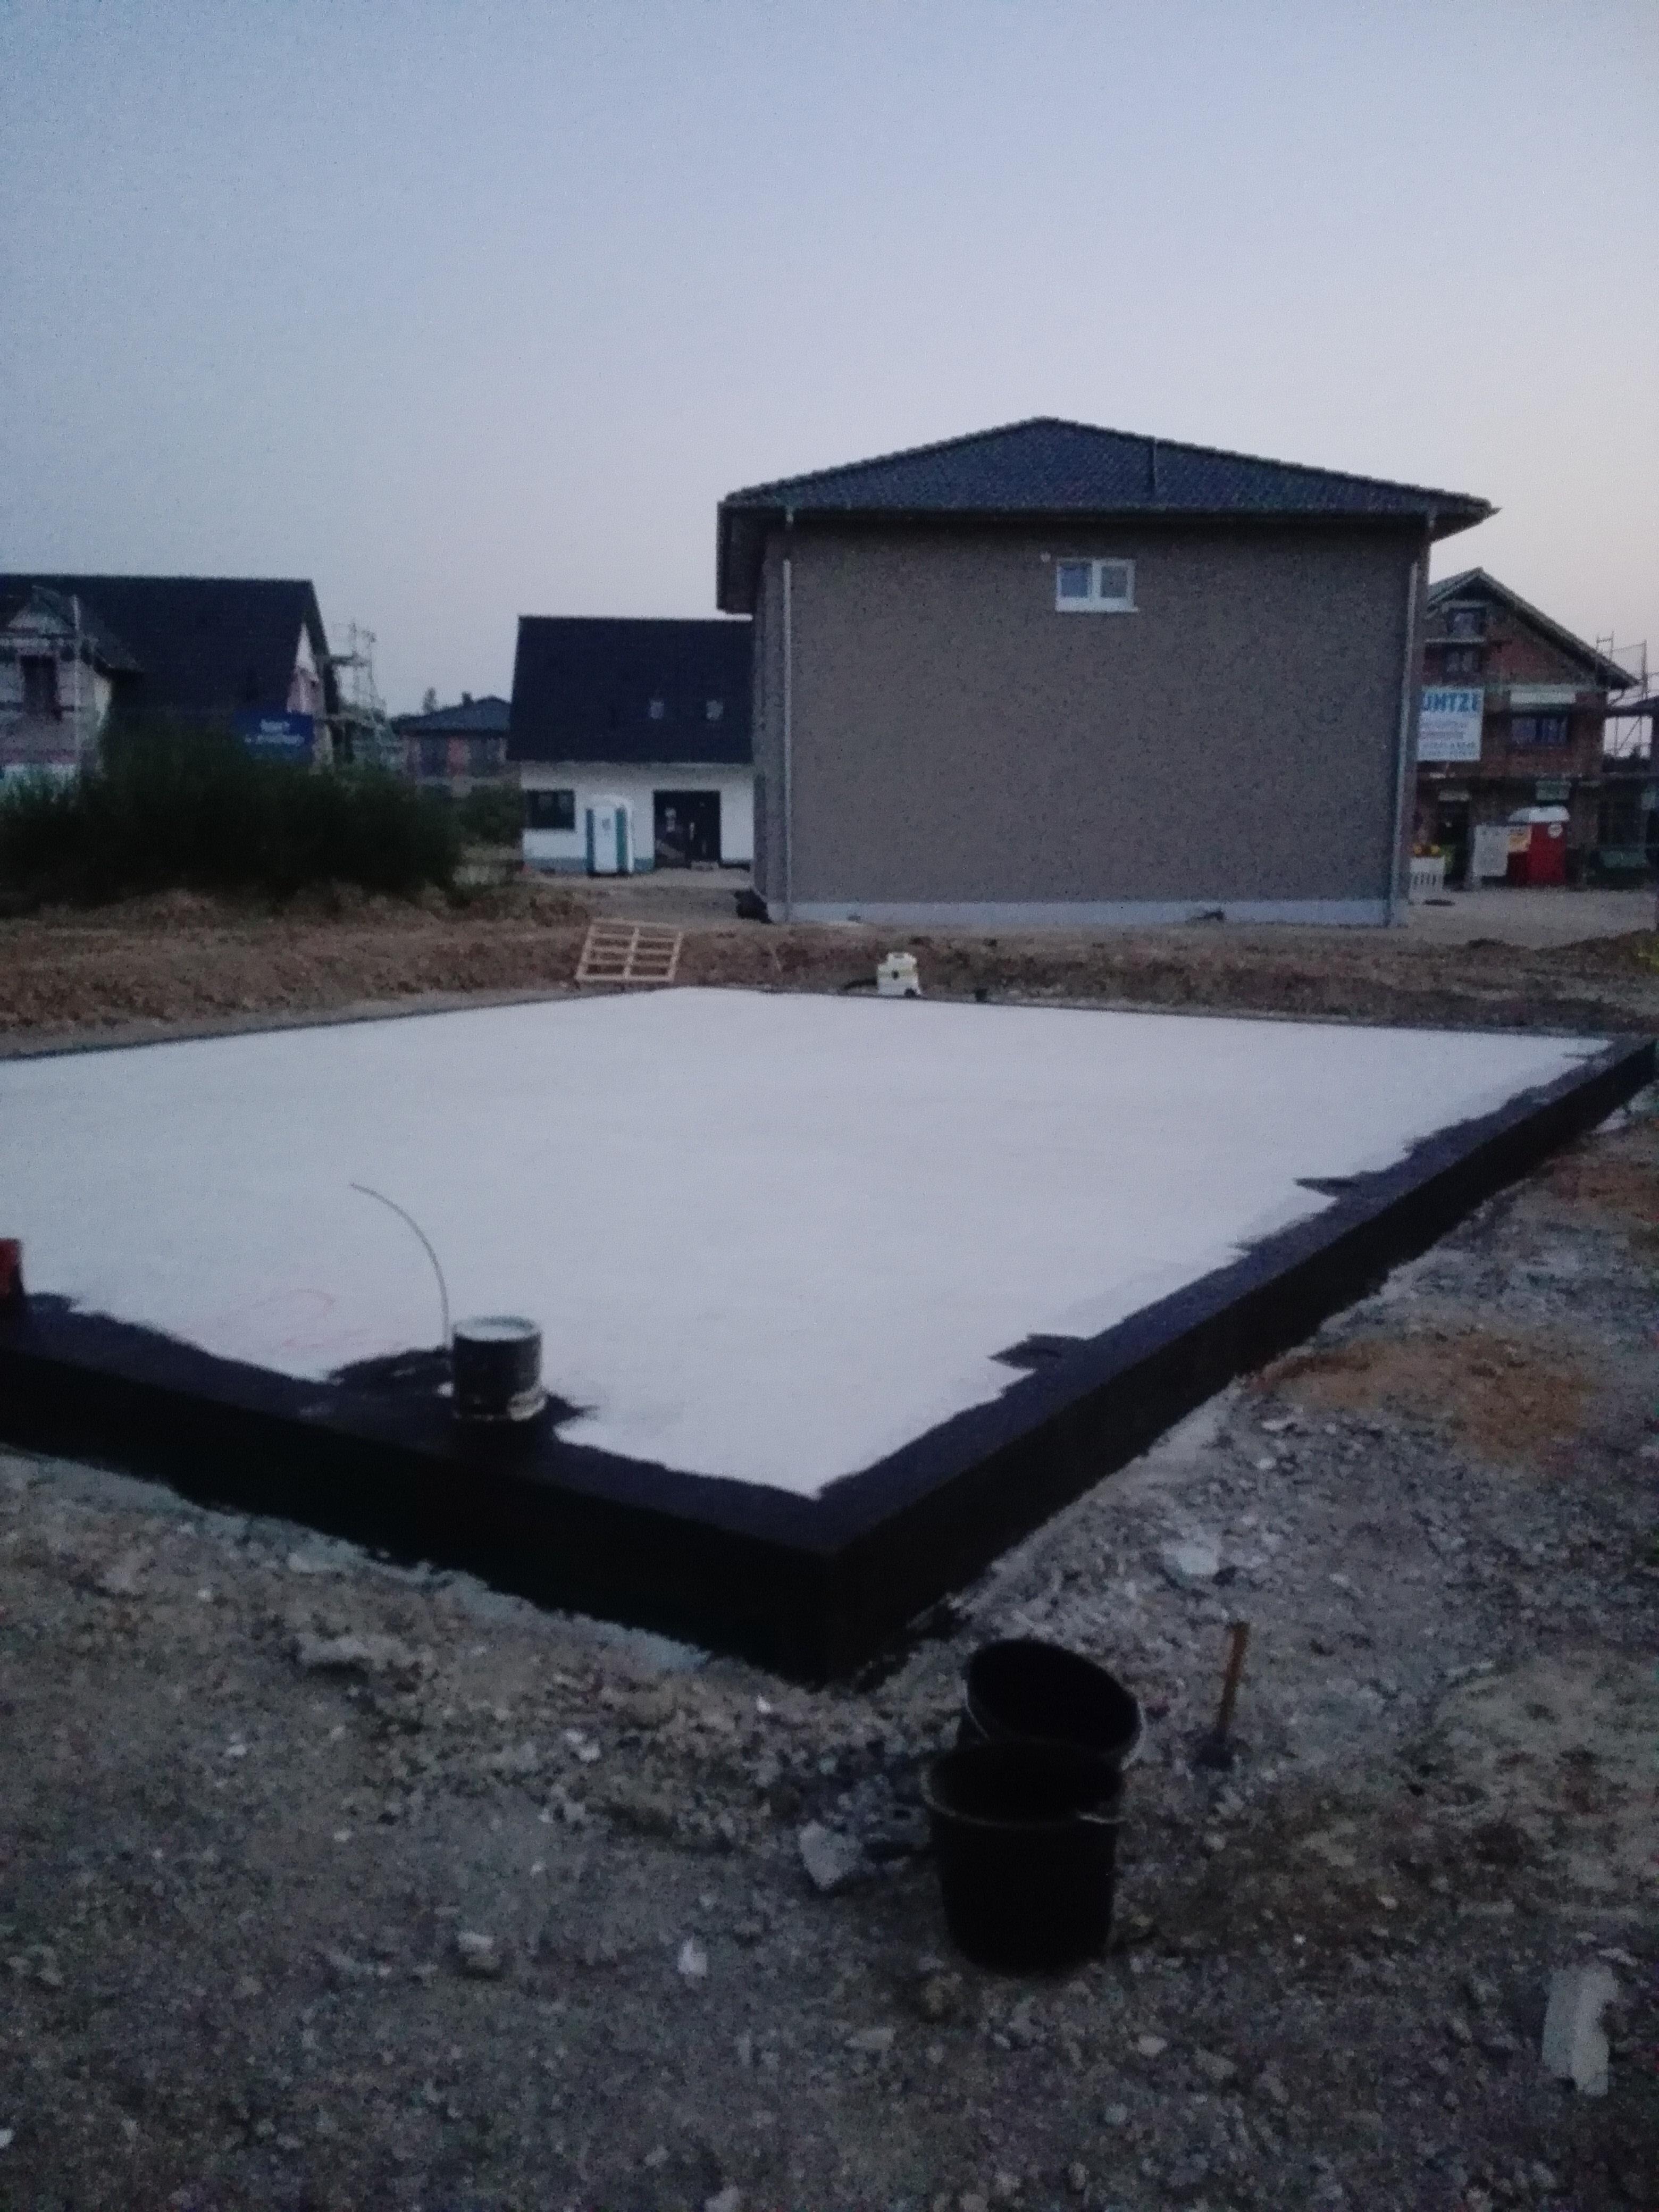 Bekannt Bodenplatte herrichten   Prumenbüls-Hausbau YN88